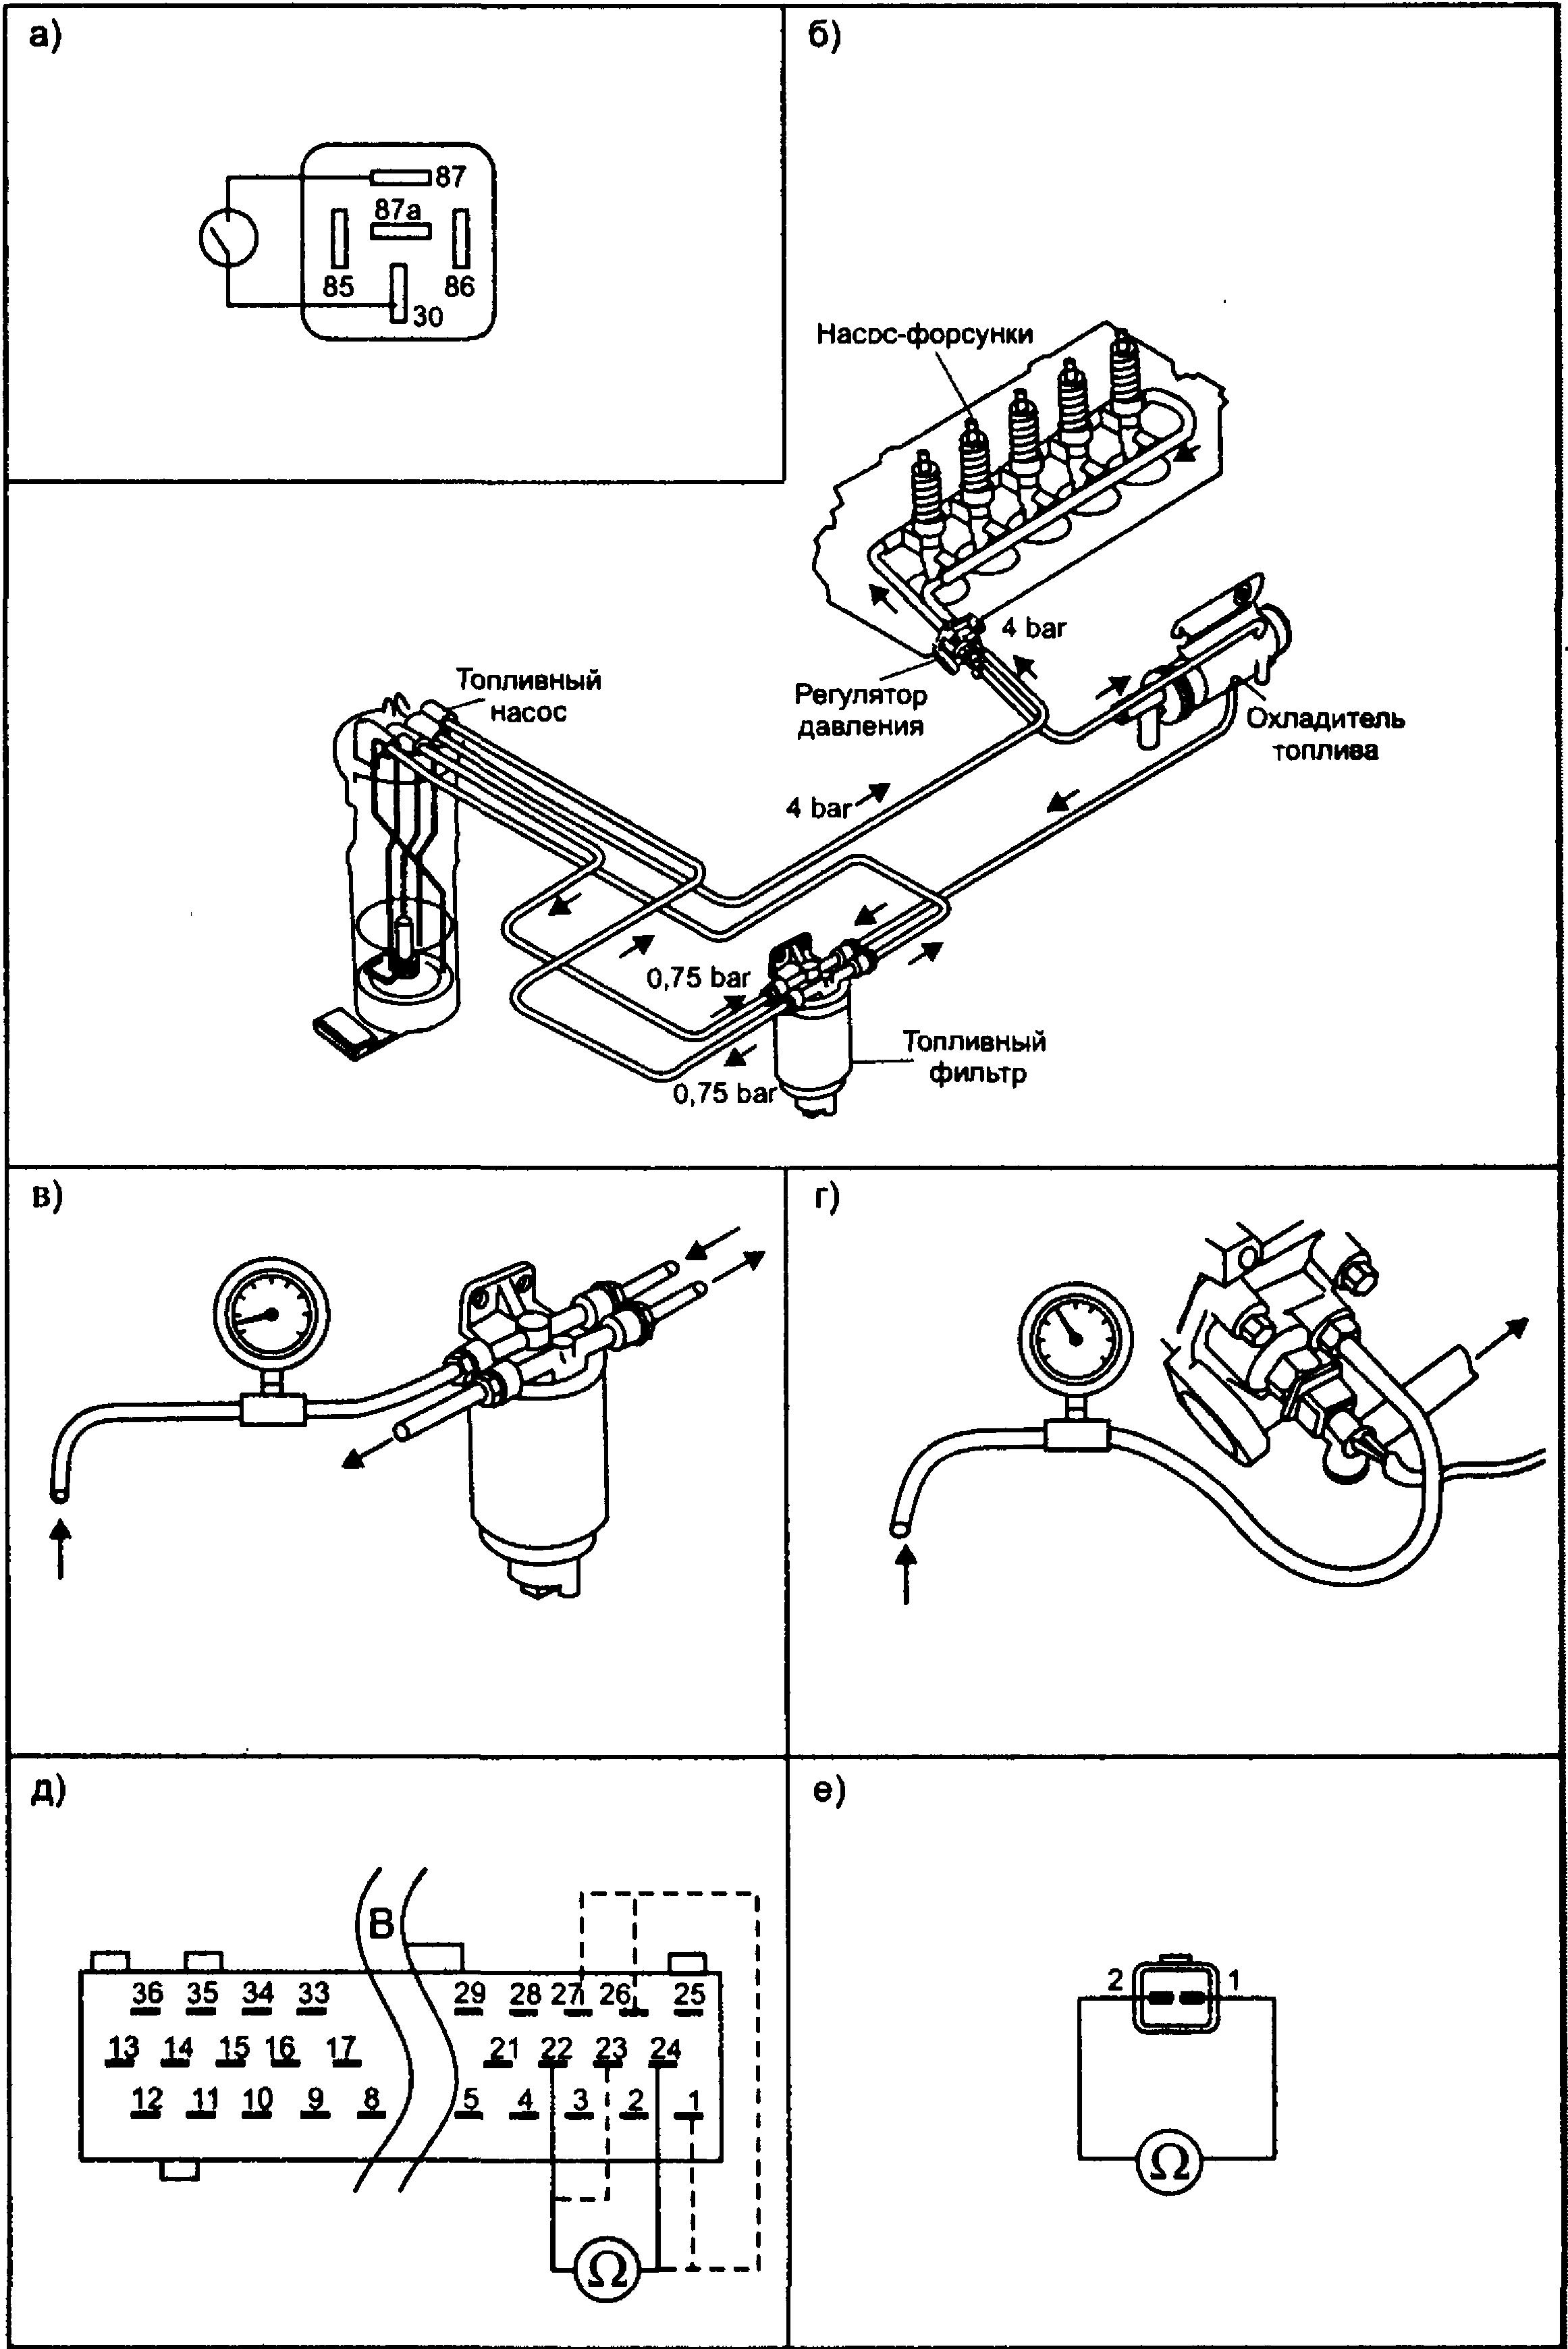 Проверка компонентов топливной системы Lucas TD5